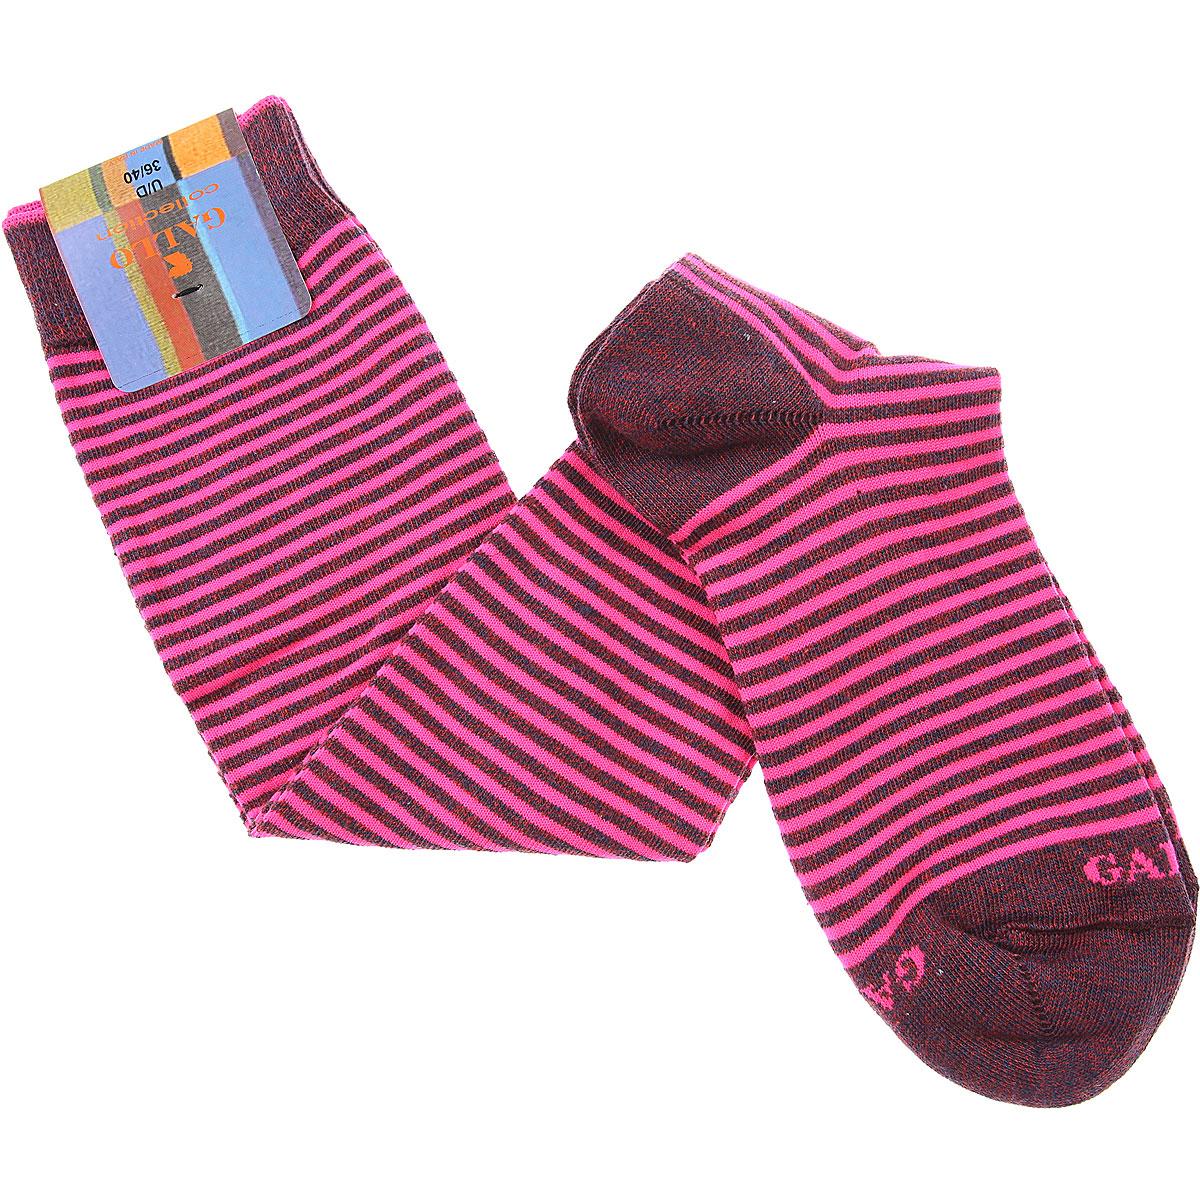 Gallo Socks Mens Underwear, Fluo Pink, Cotton, 2019